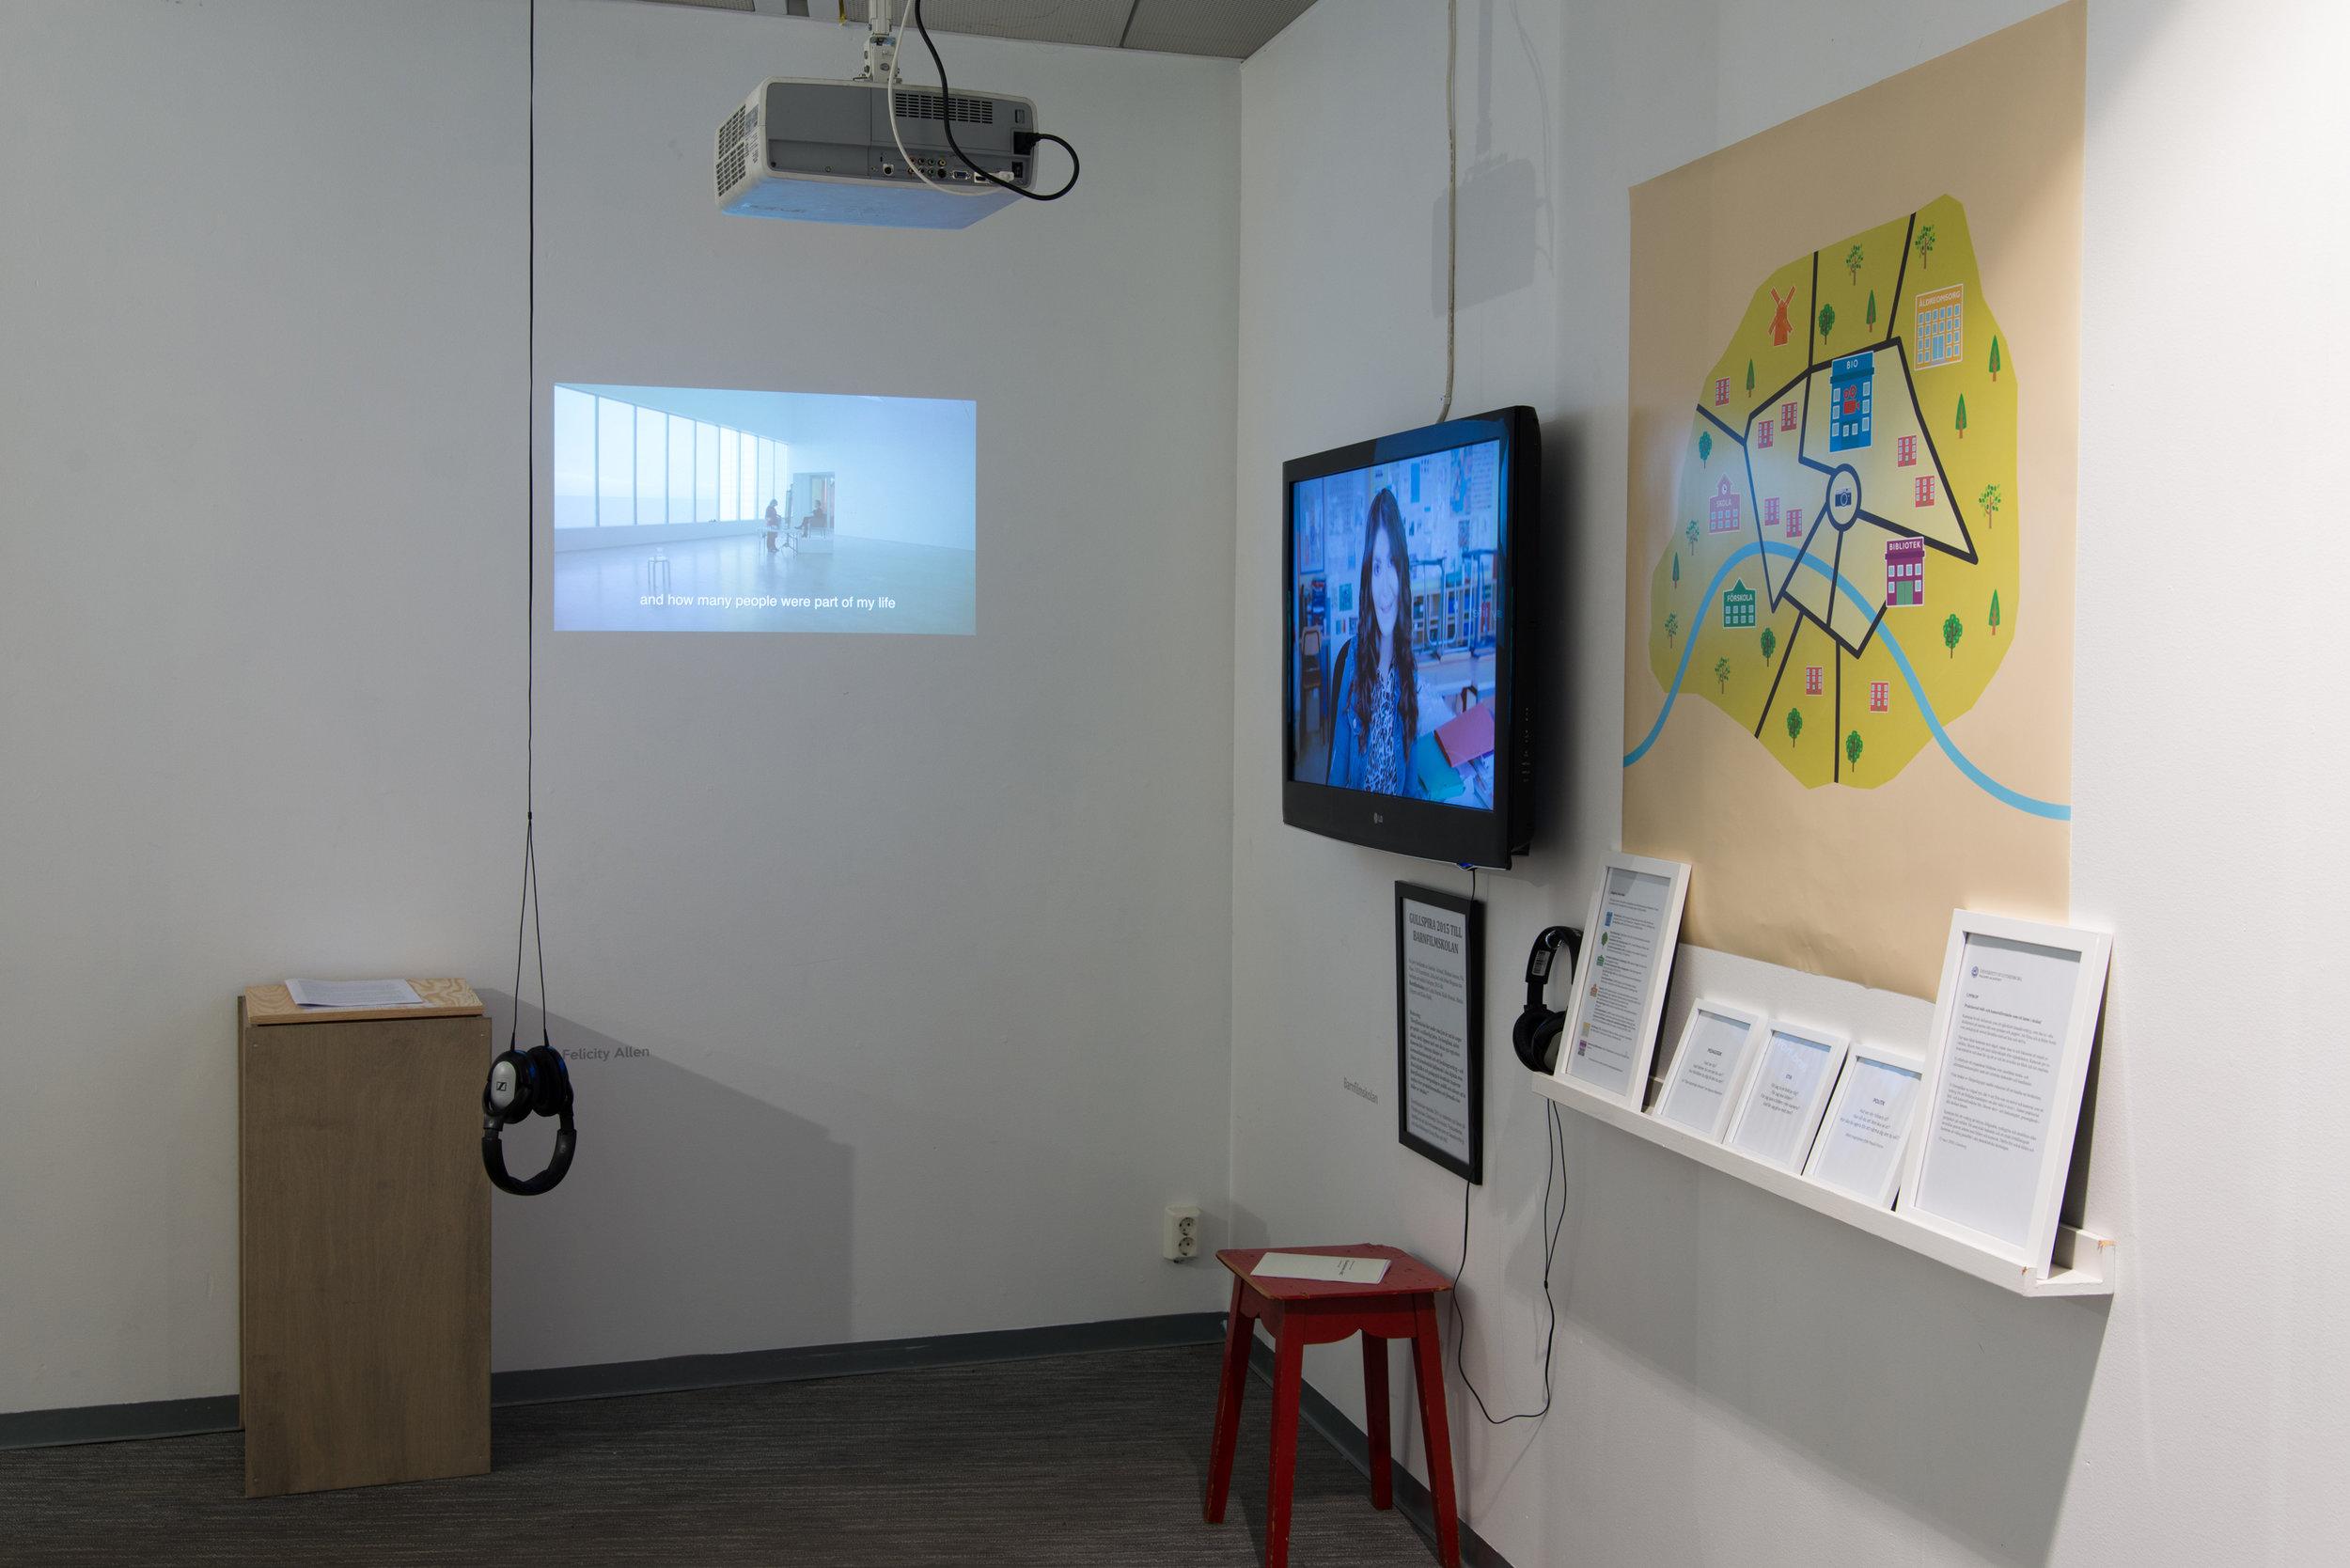 Installation view: Felicity Allen, and Barnfilmskolan (The Children's Film School)